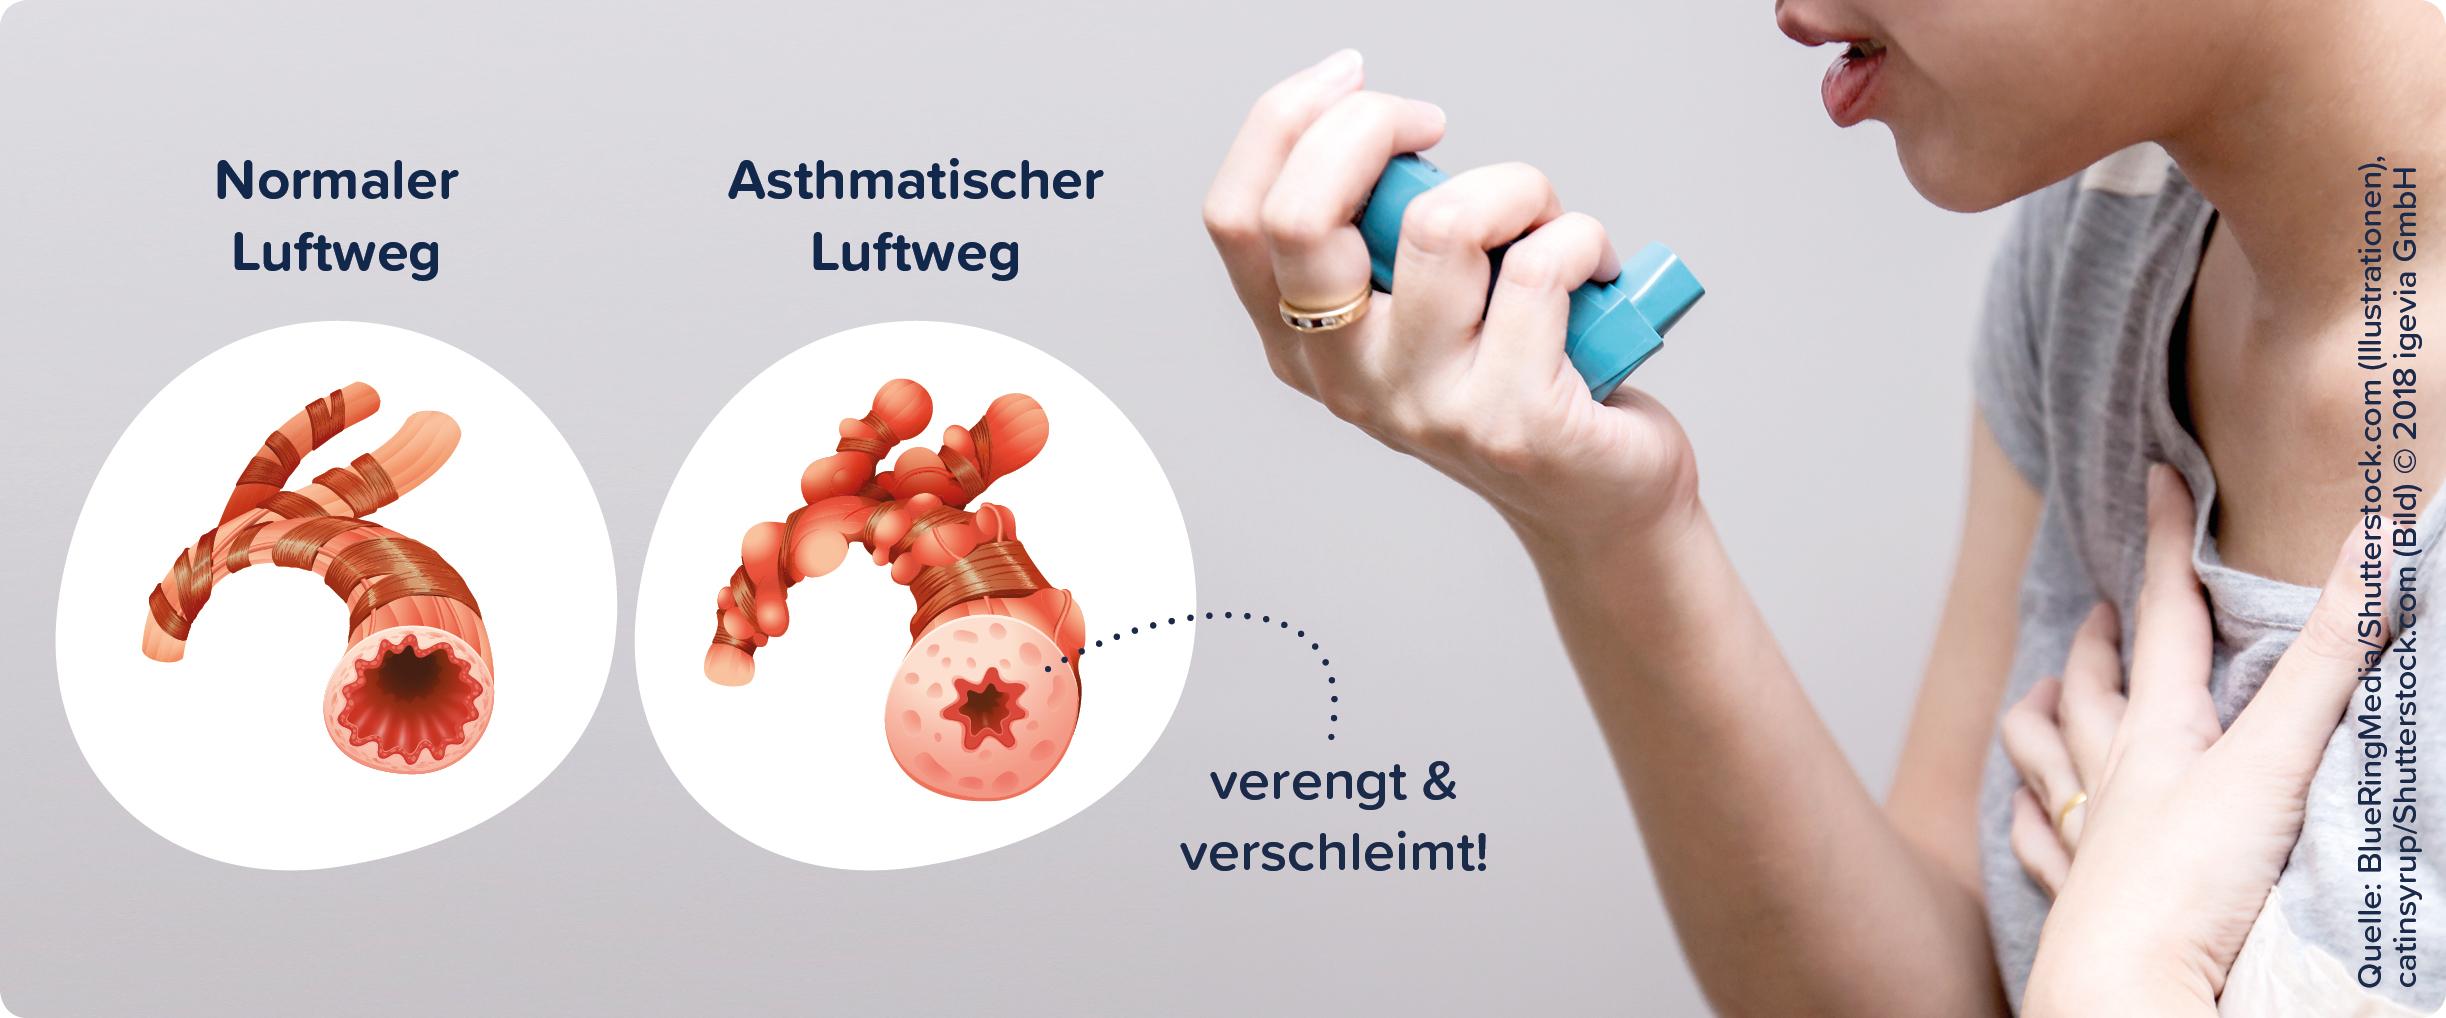 asthma allergie